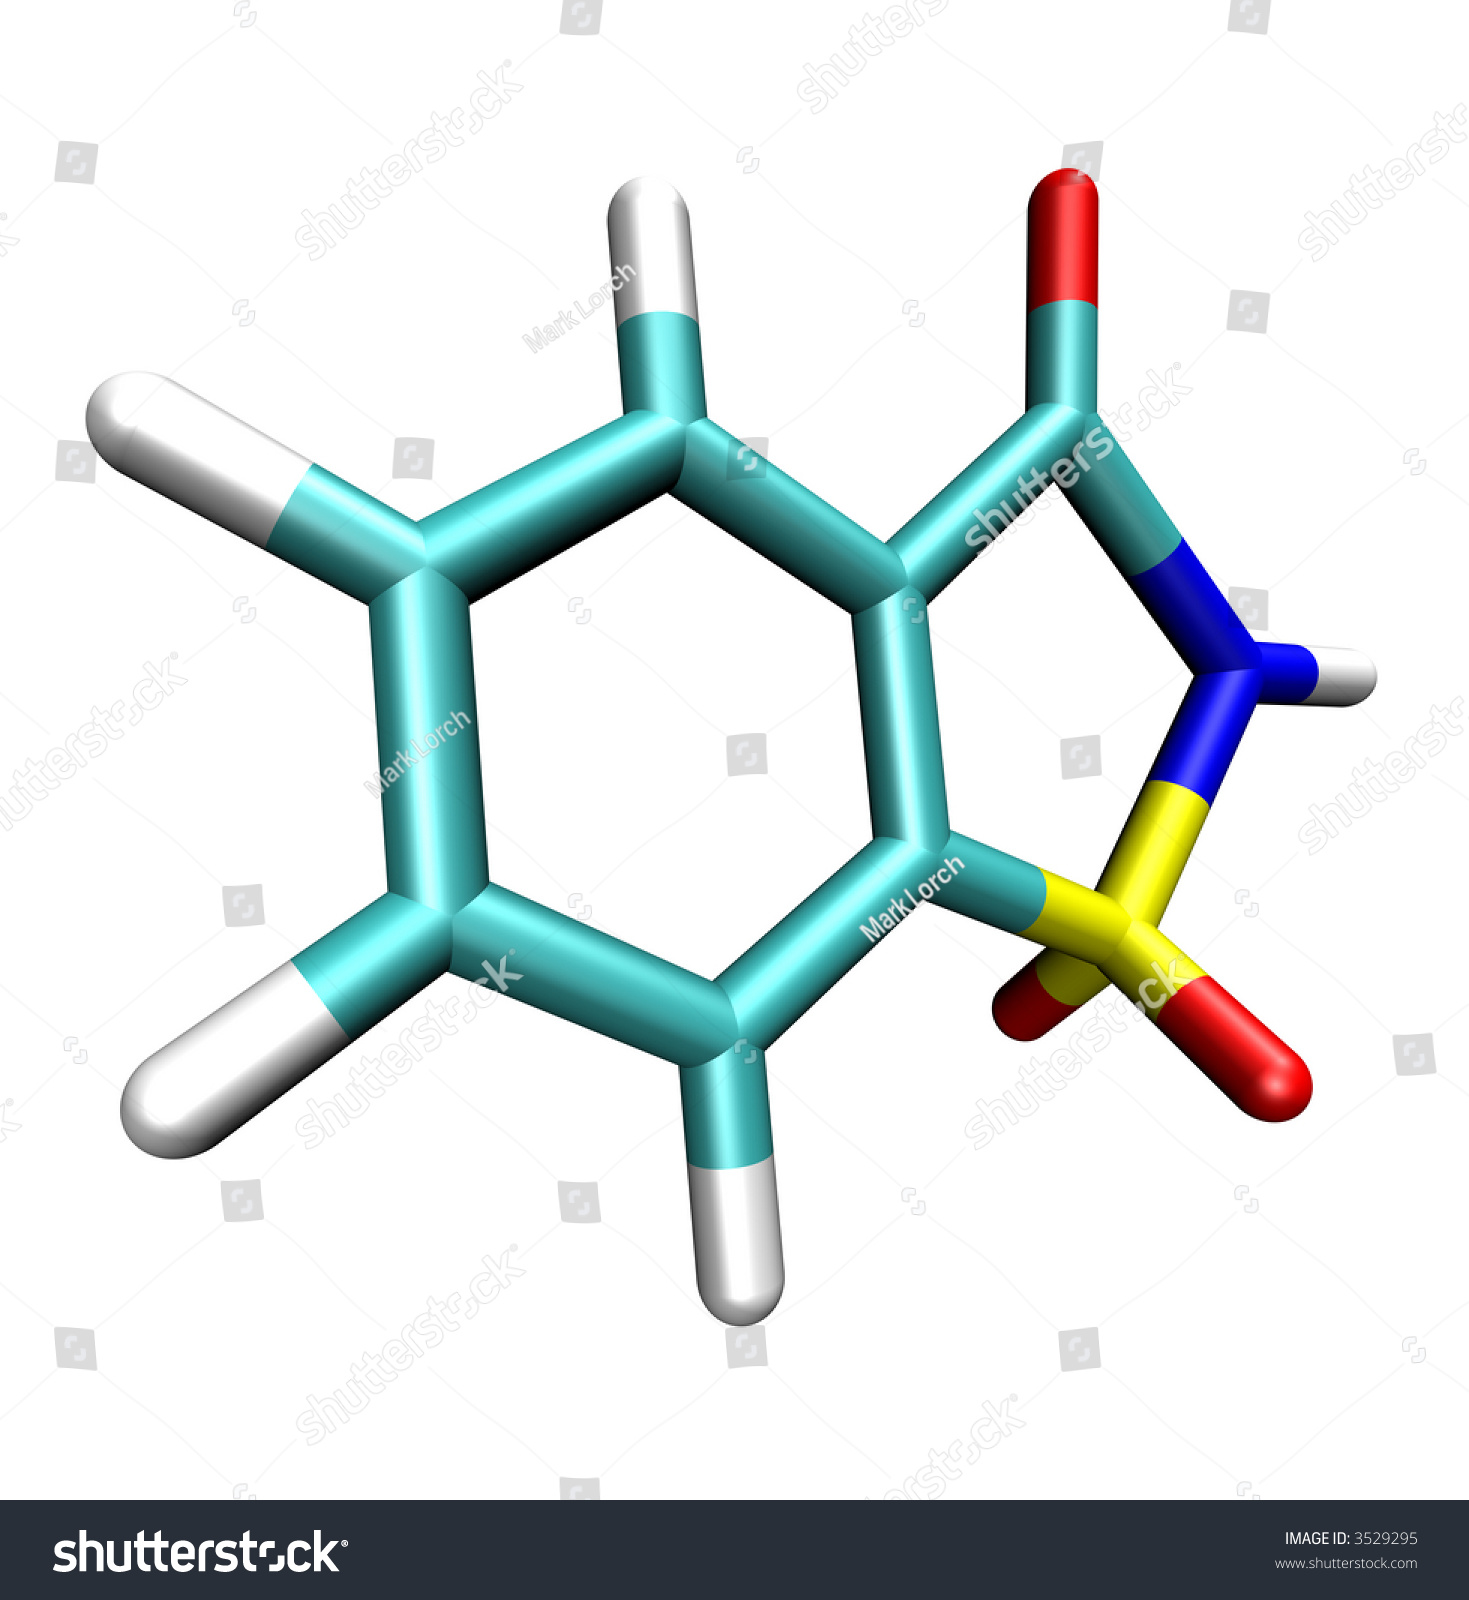 糖精的分子结构-食品及饮料